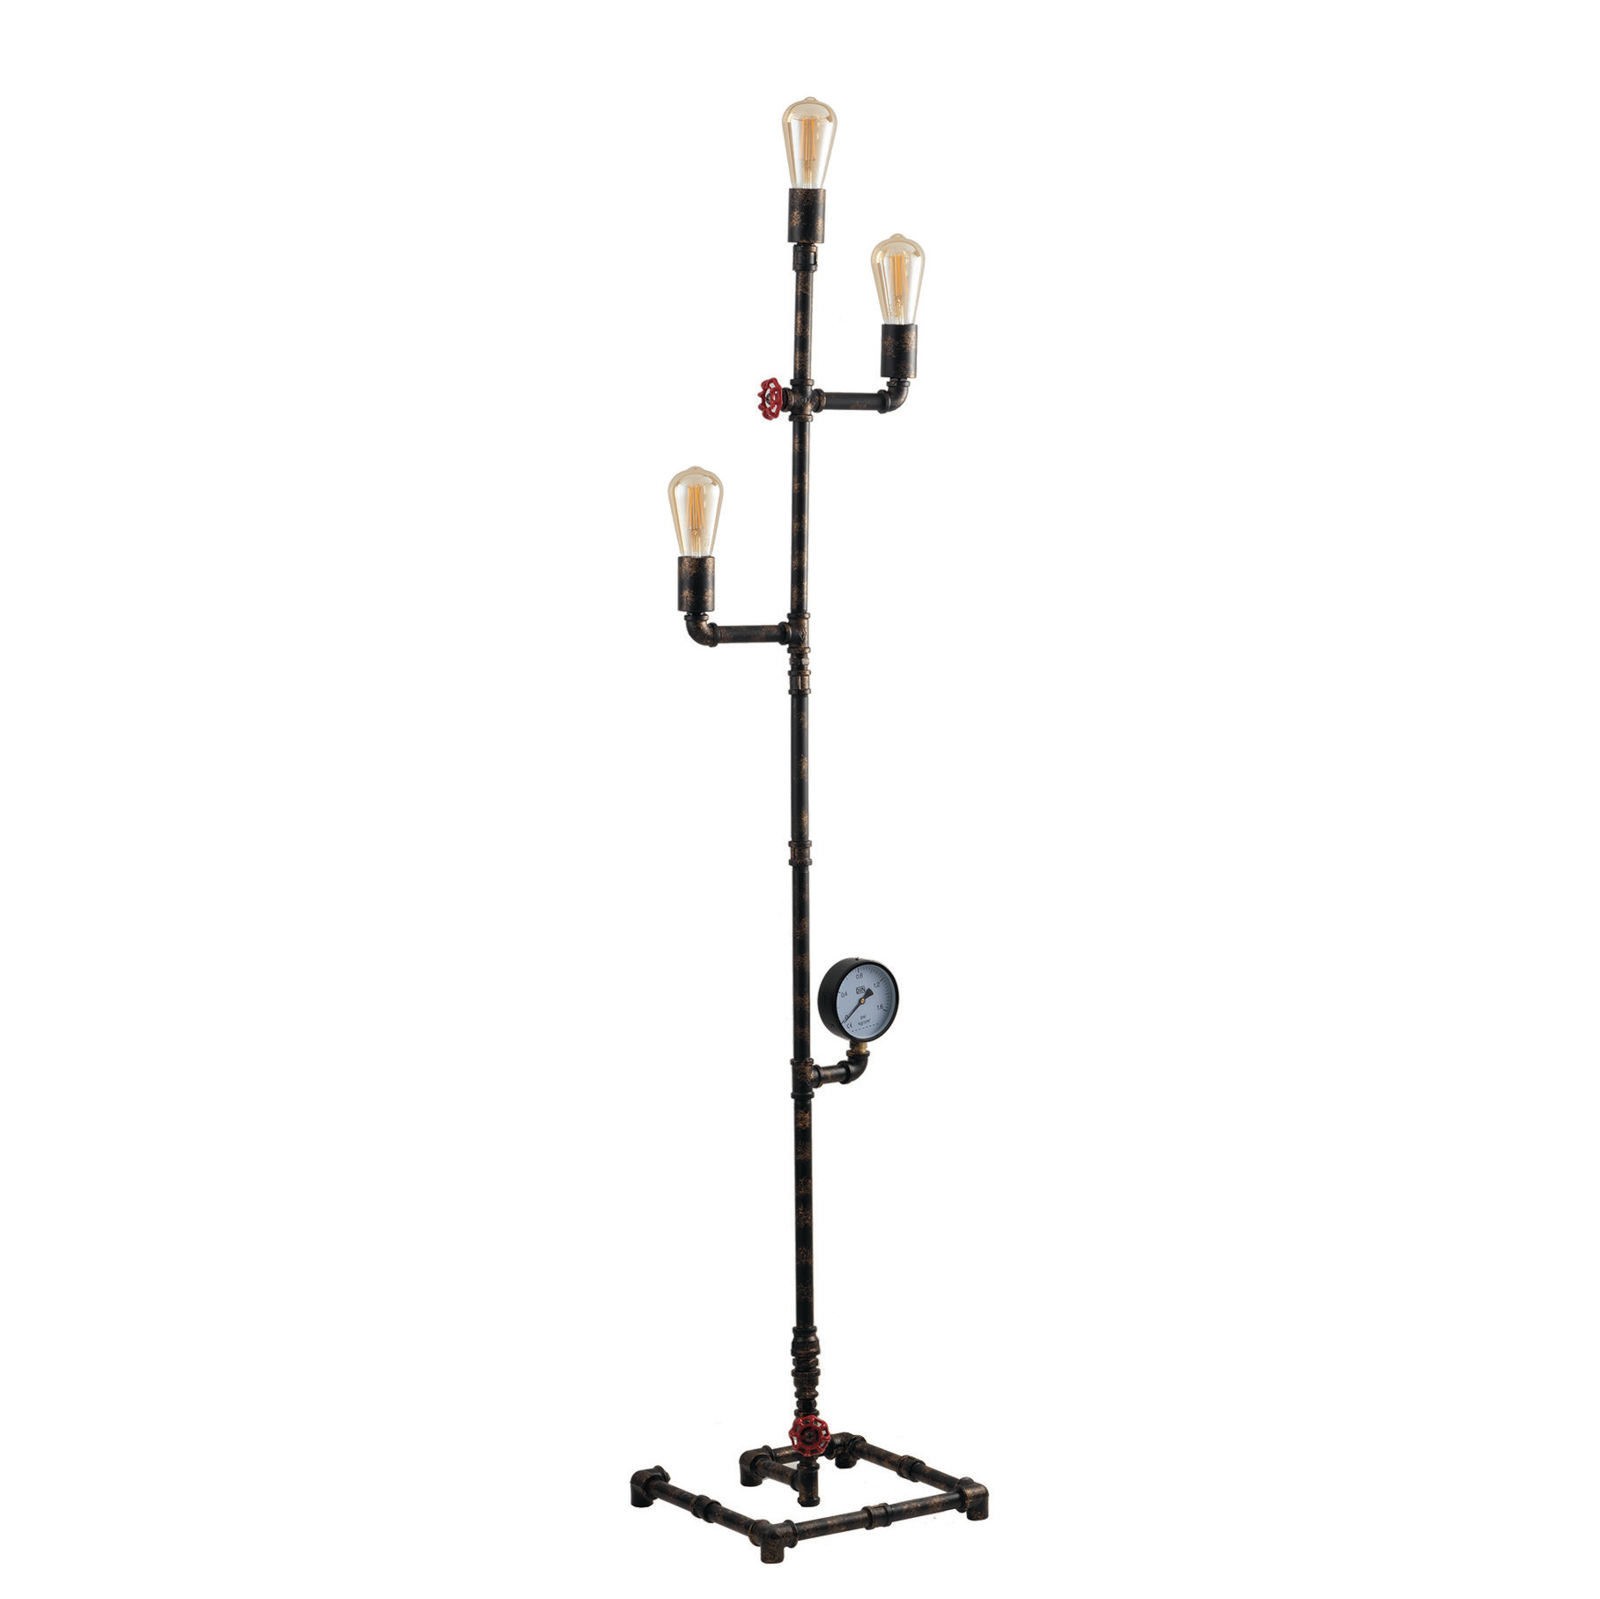 Lampa stojąca Amarcord rdzawo-brązowa trzypunktowa